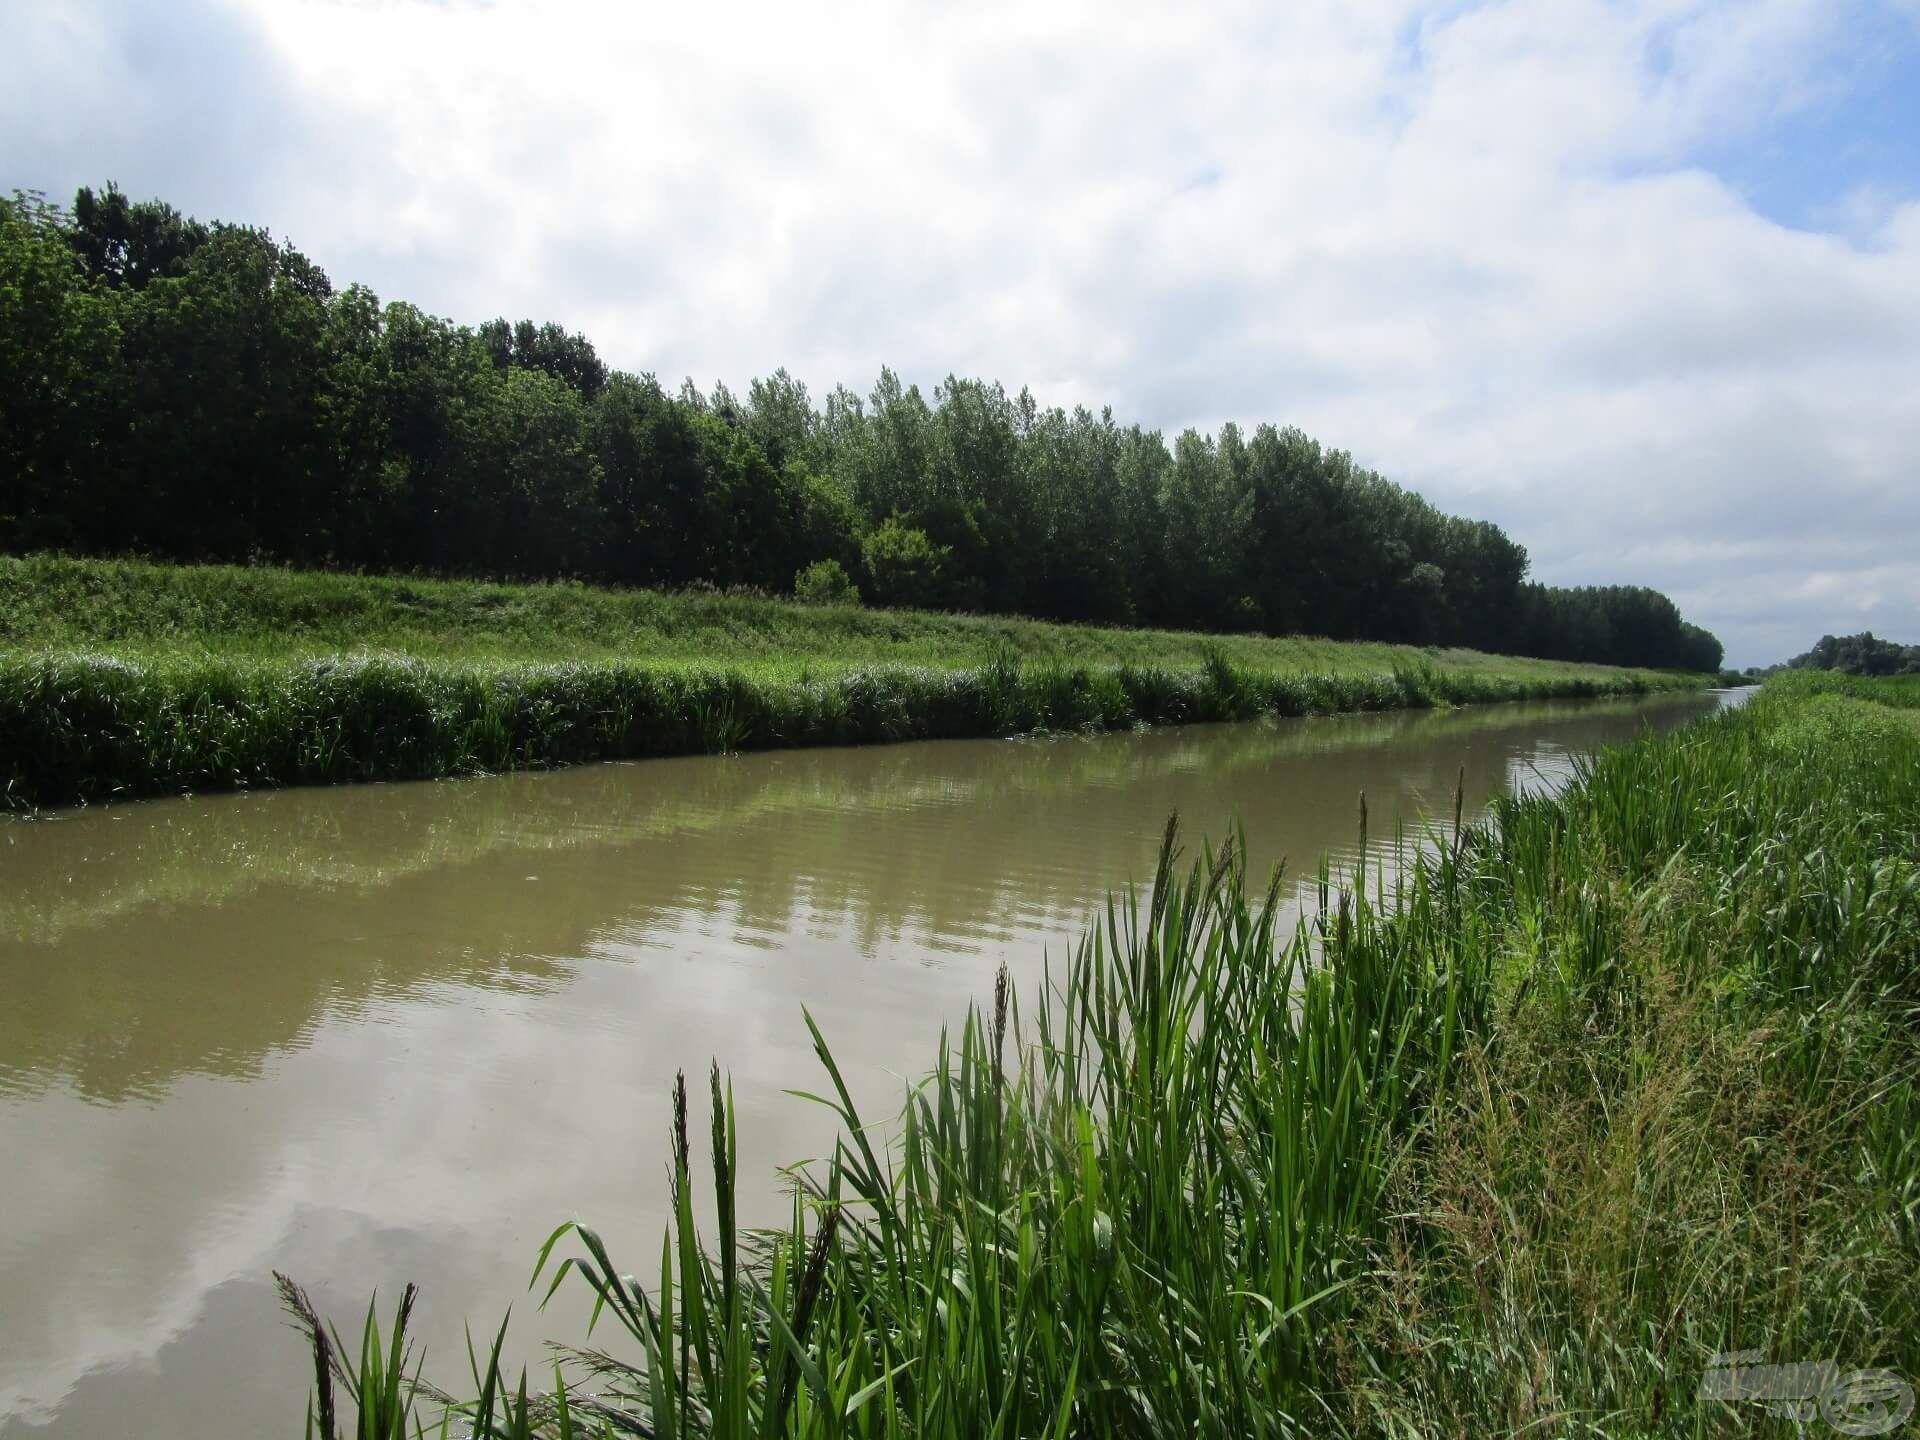 Nemcsak itt szoktam horgászni, de ez víz a legkedvesebb számomra!